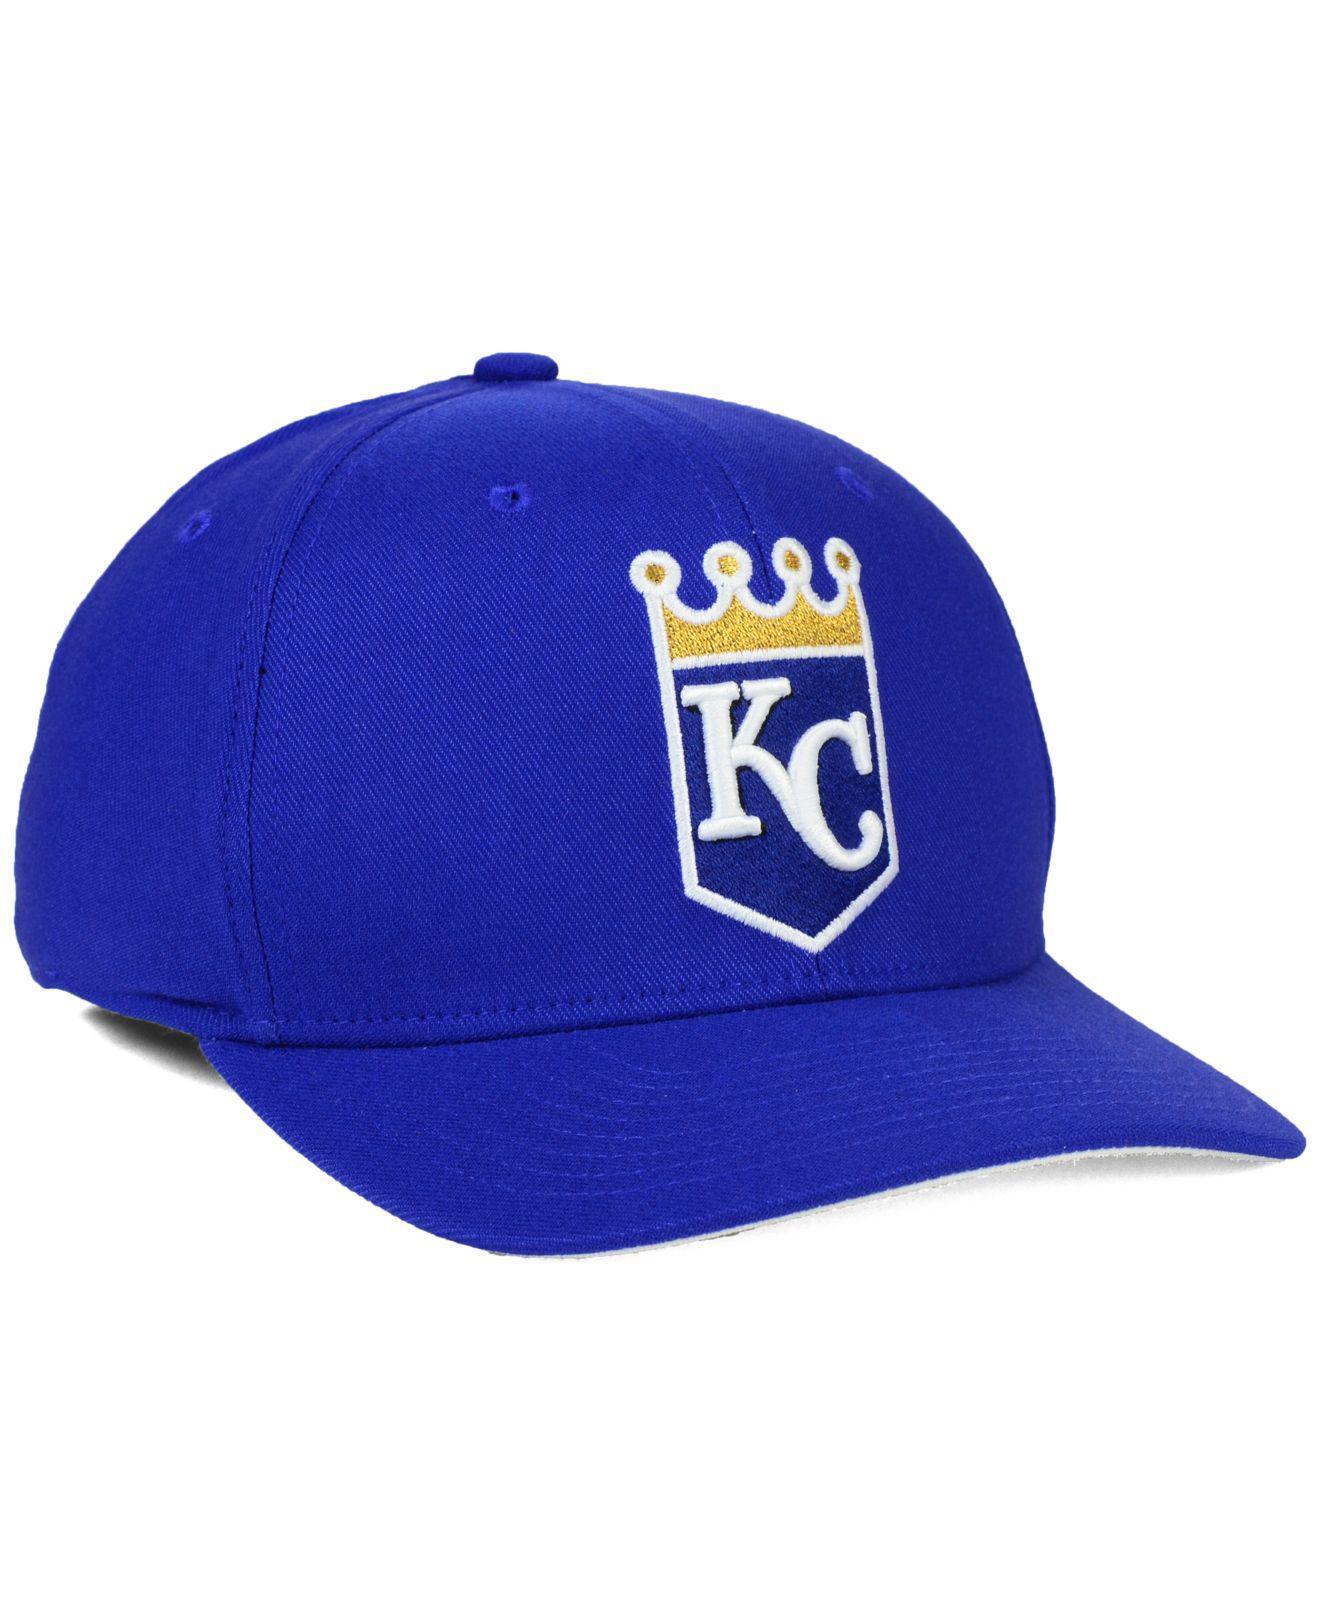 new product c11f9 962ca Nike - Blue Kansas City Royals Ligature Swoosh Flex Cap for Men - Lyst.  View fullscreen